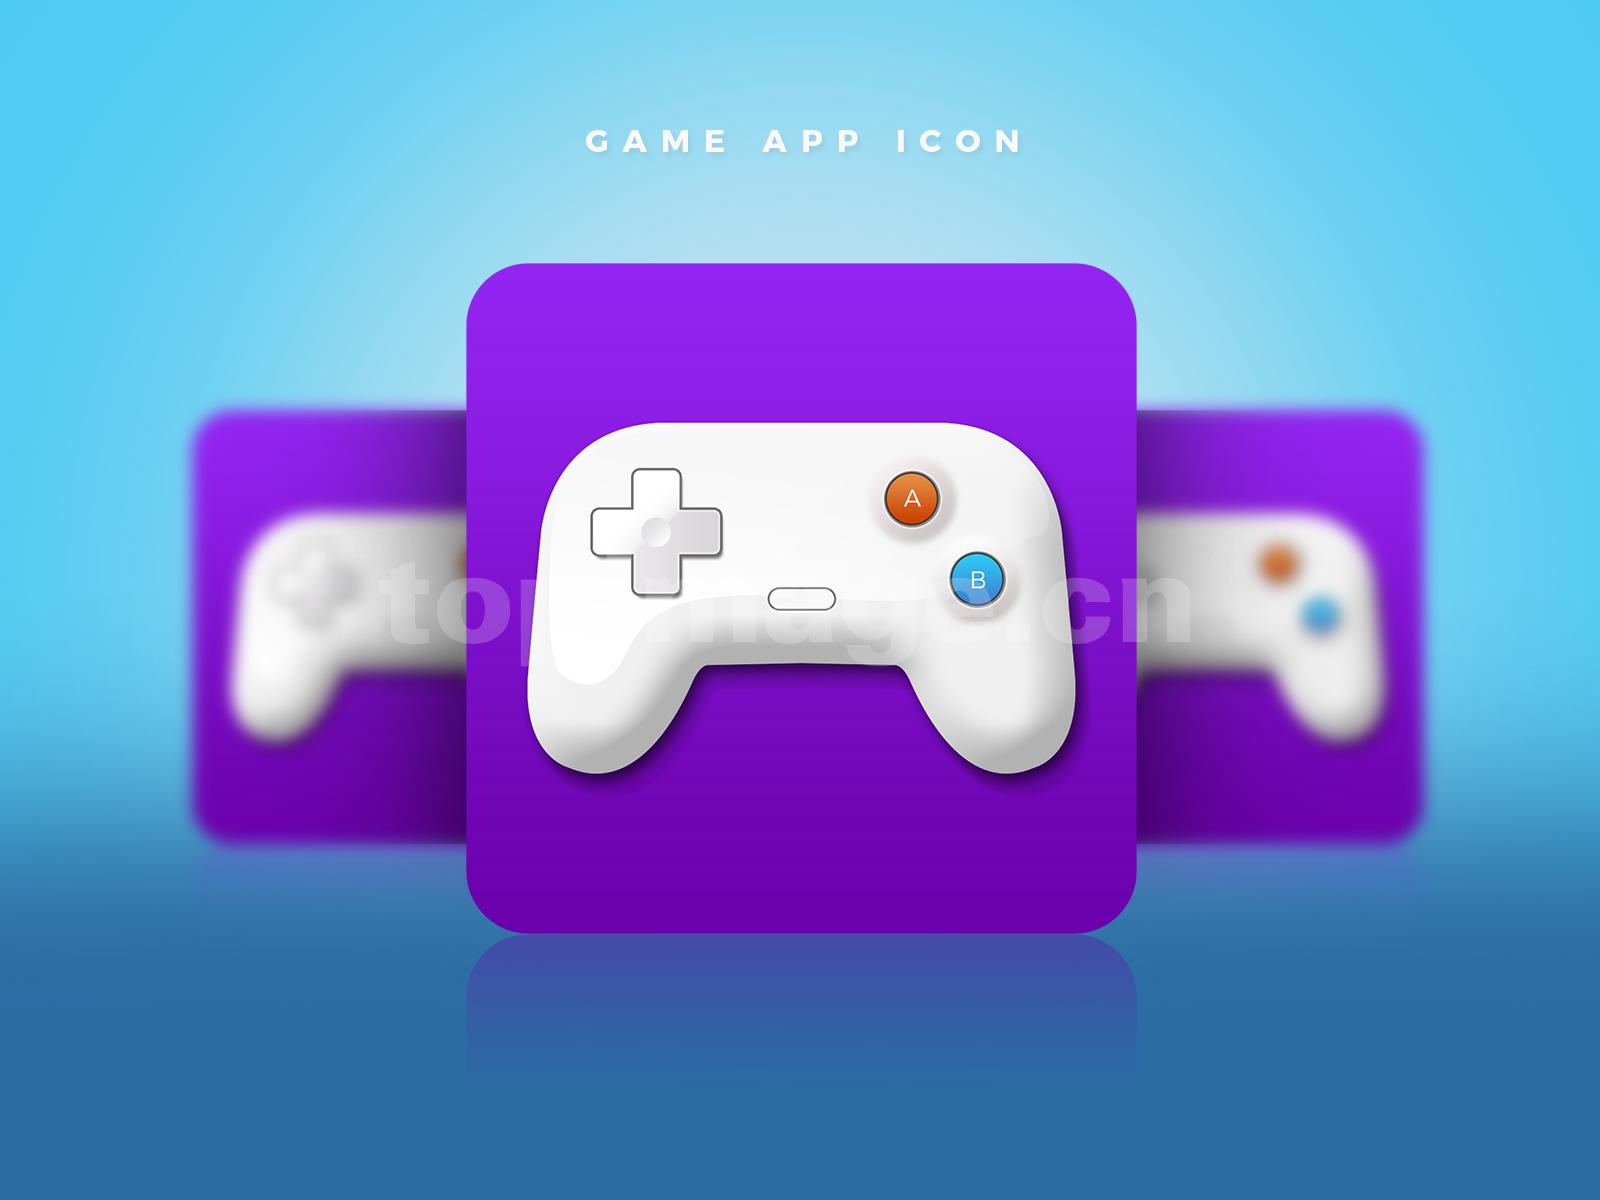 经典游戏图标icon 游戏手柄源文件下载